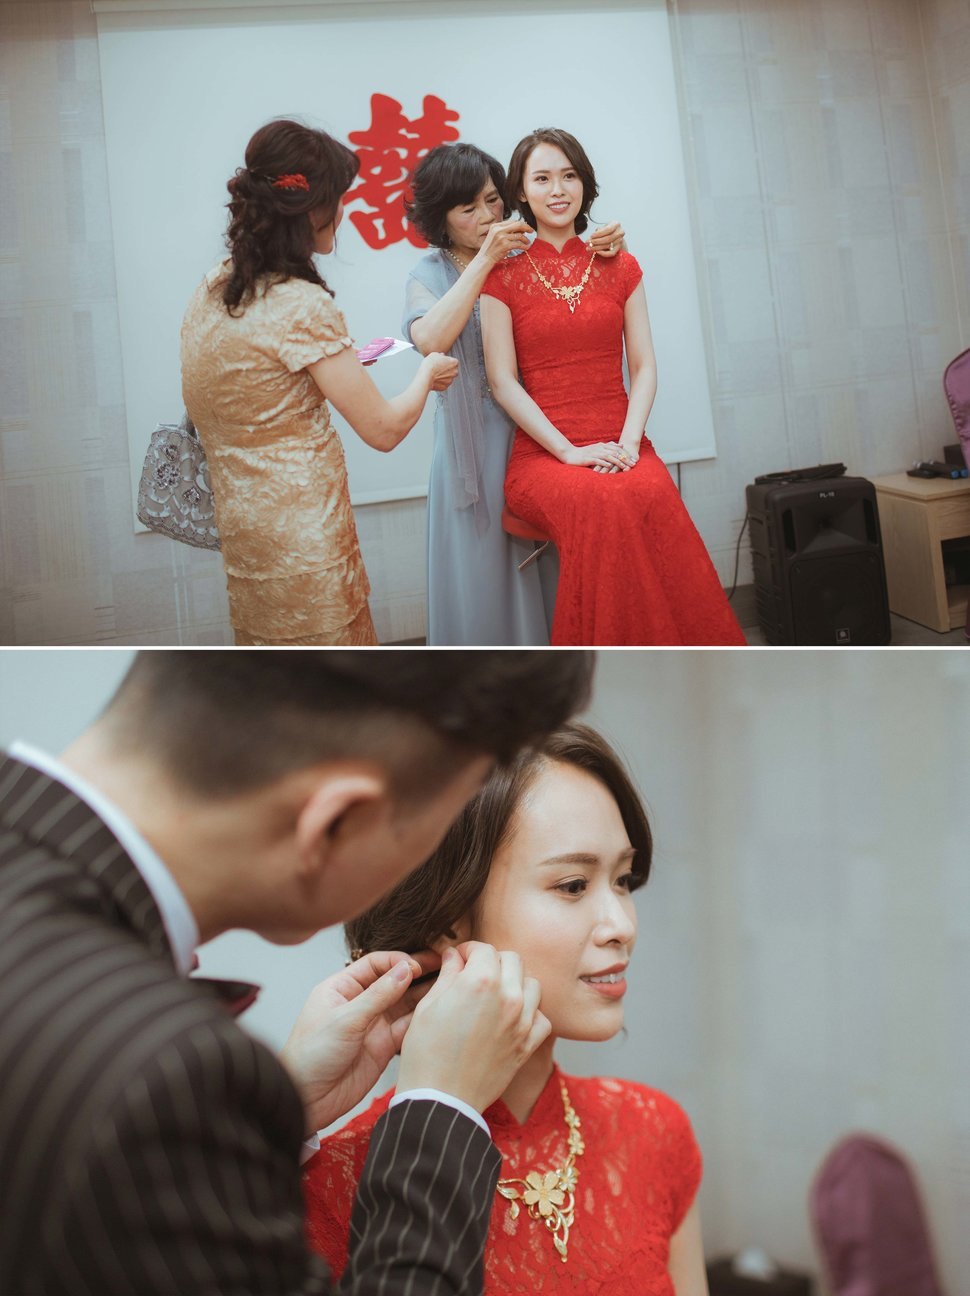 80 拷貝 - 王竫 Photographer《結婚吧》